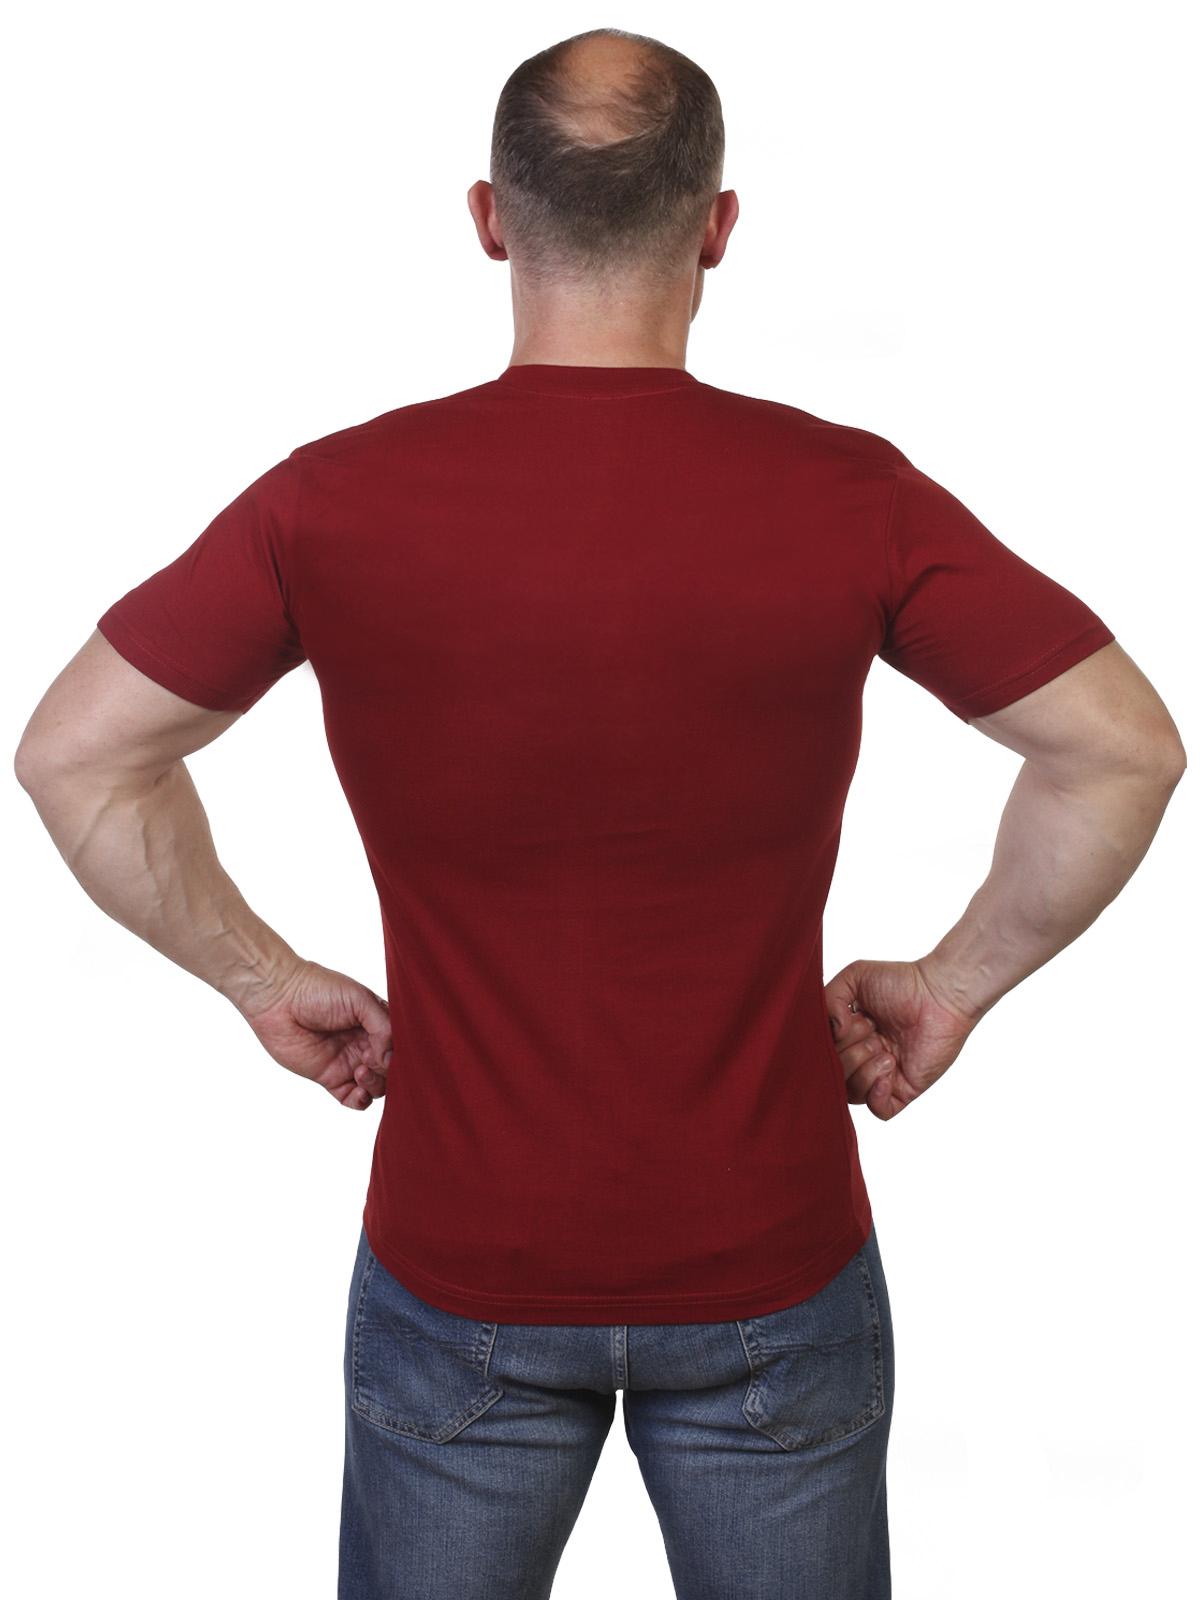 Мужская армейская футболка Военная разведка